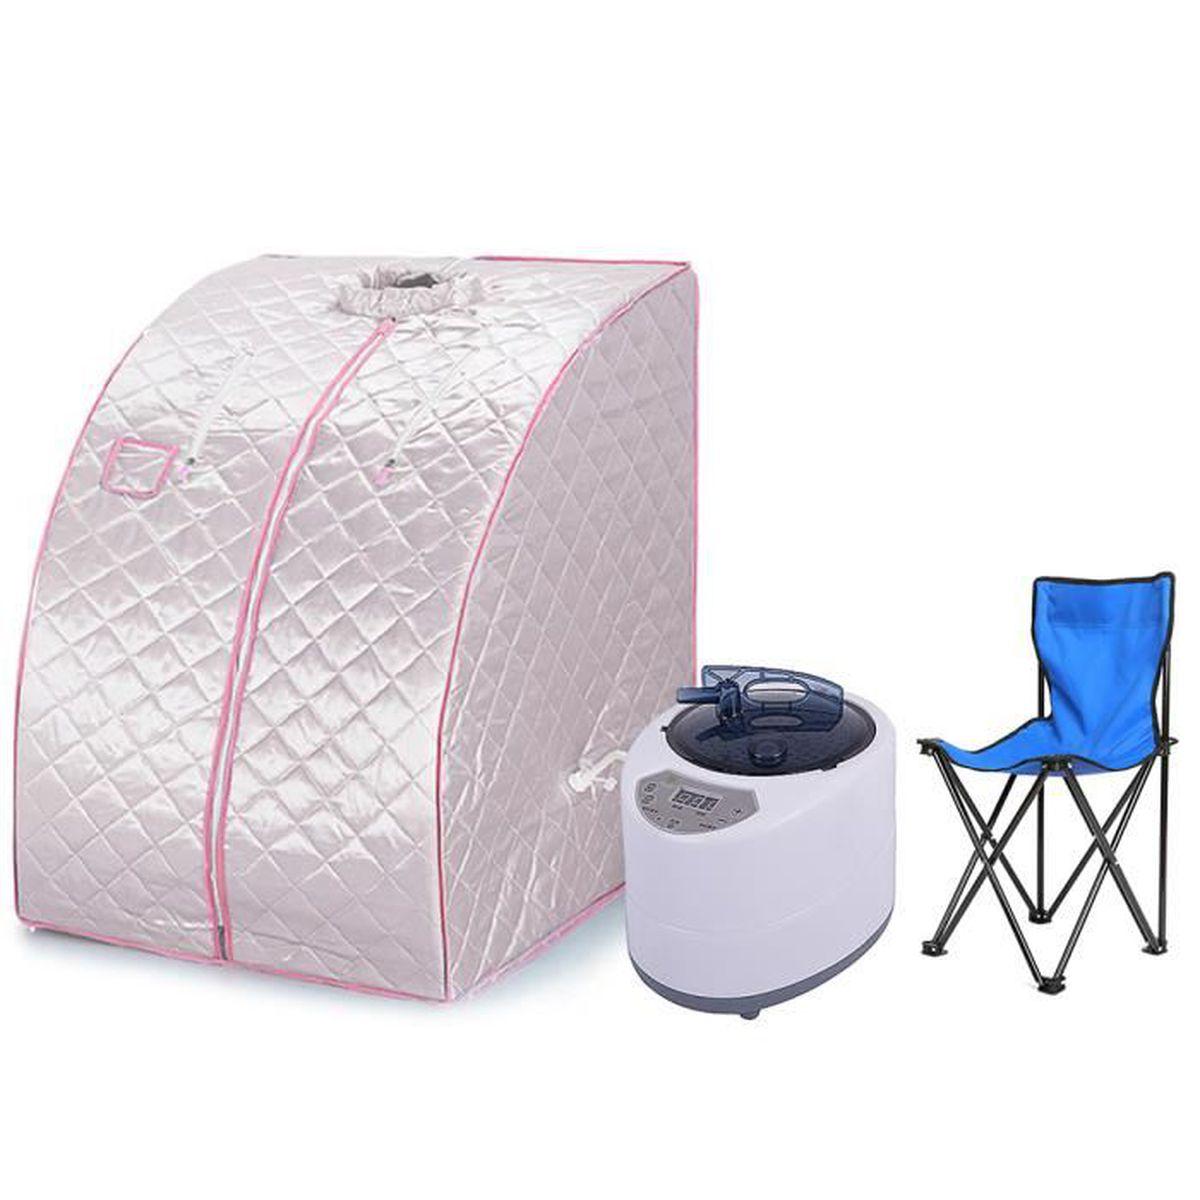 Cabine De Sauna Prix kyucc@cabine de sauna vapeur portable mobile sauna box